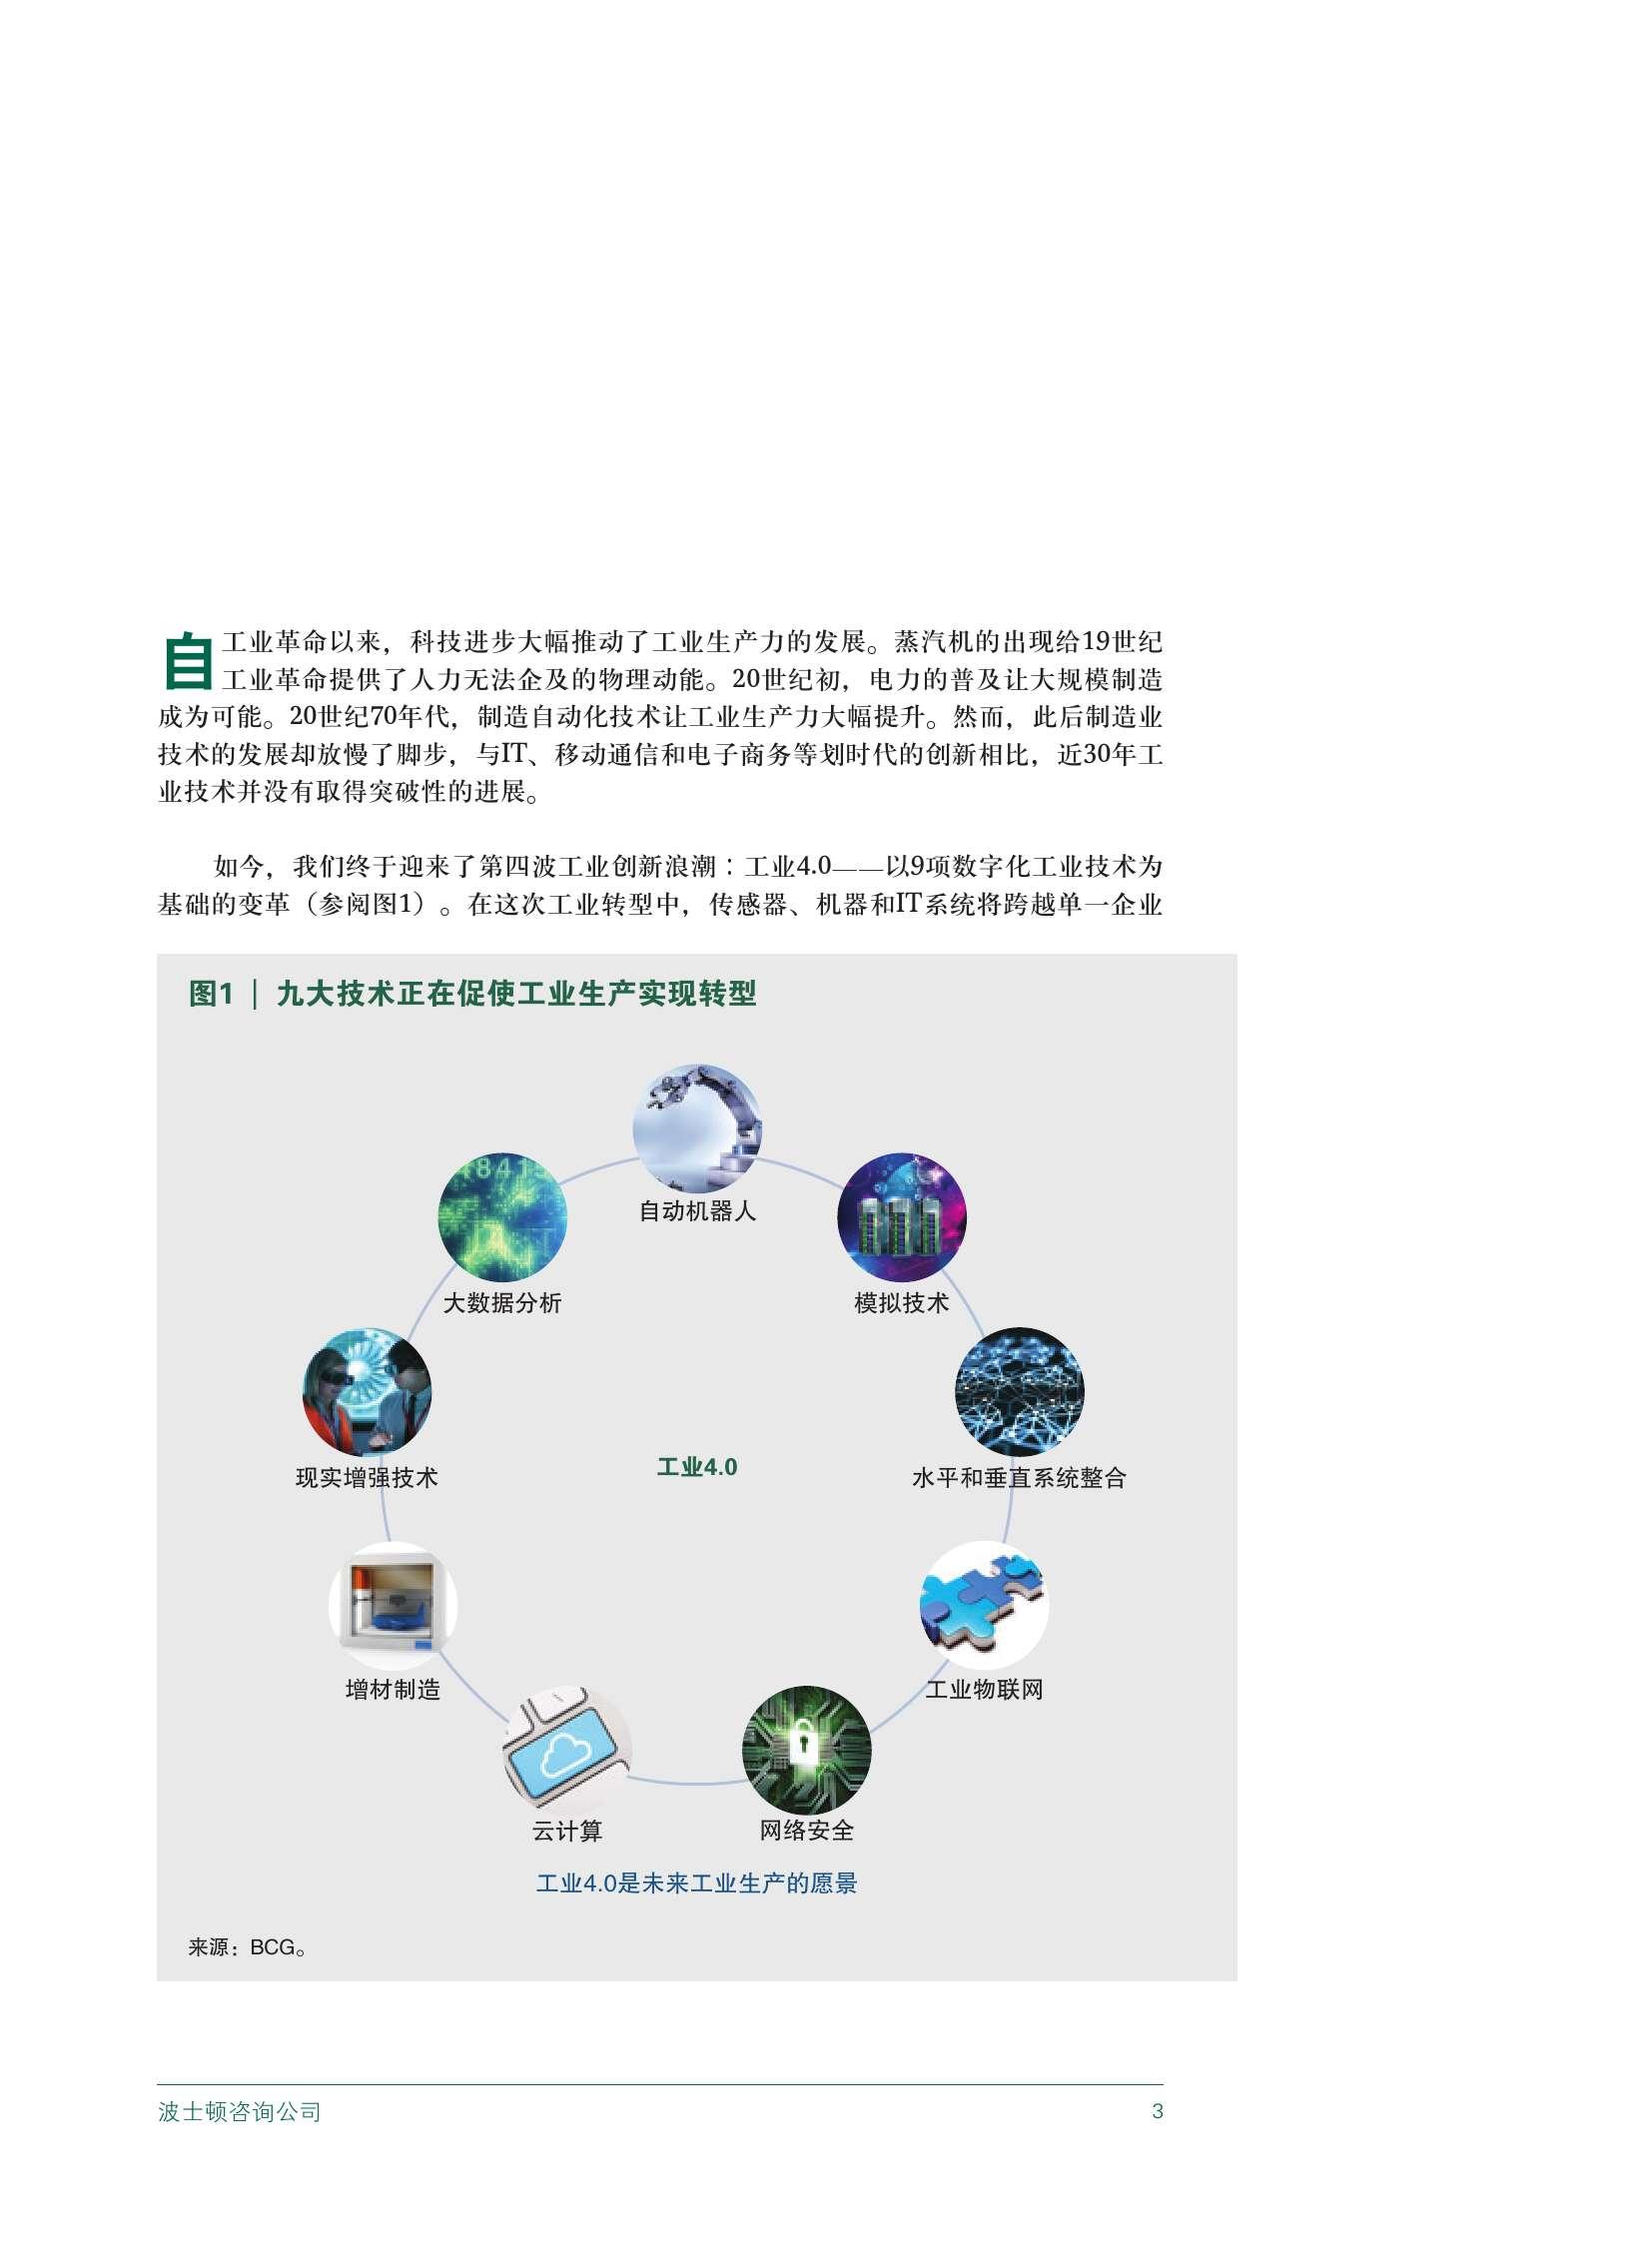 工业4.0:未来生产力与制造业发展前景_000005